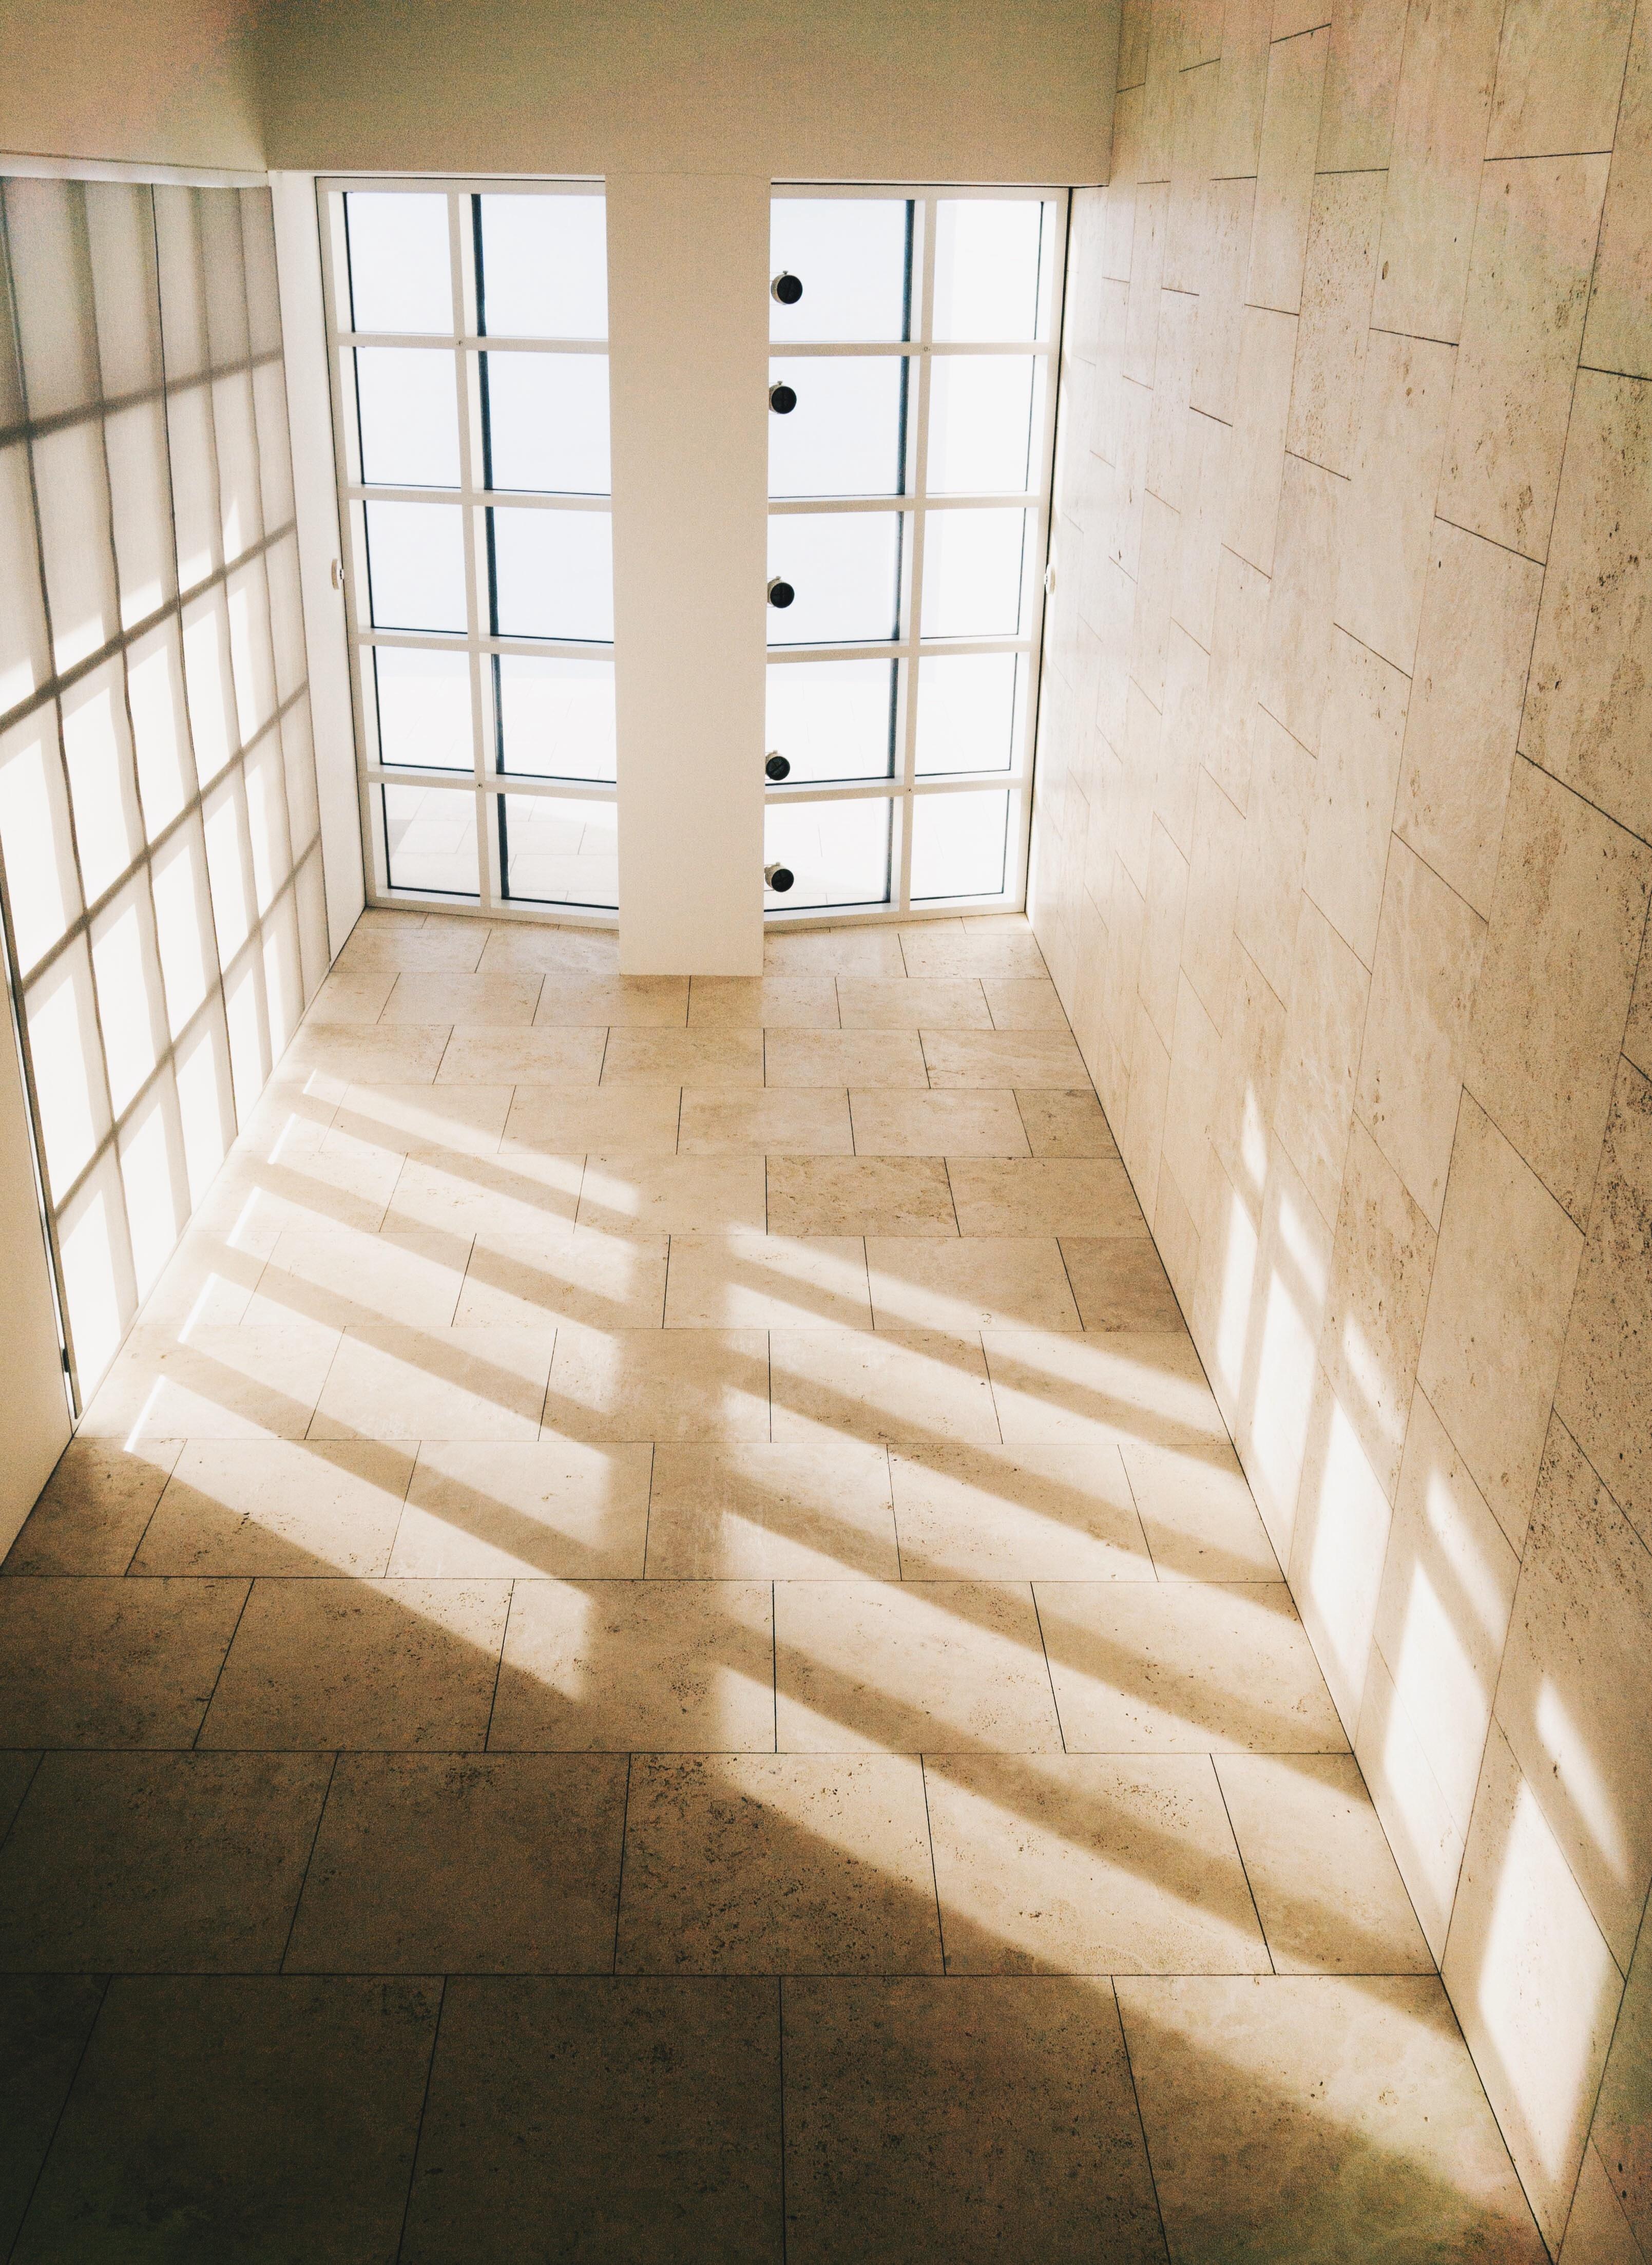 Innenarchitektur Halle kostenlose foto licht die architektur holz haus stock mauer